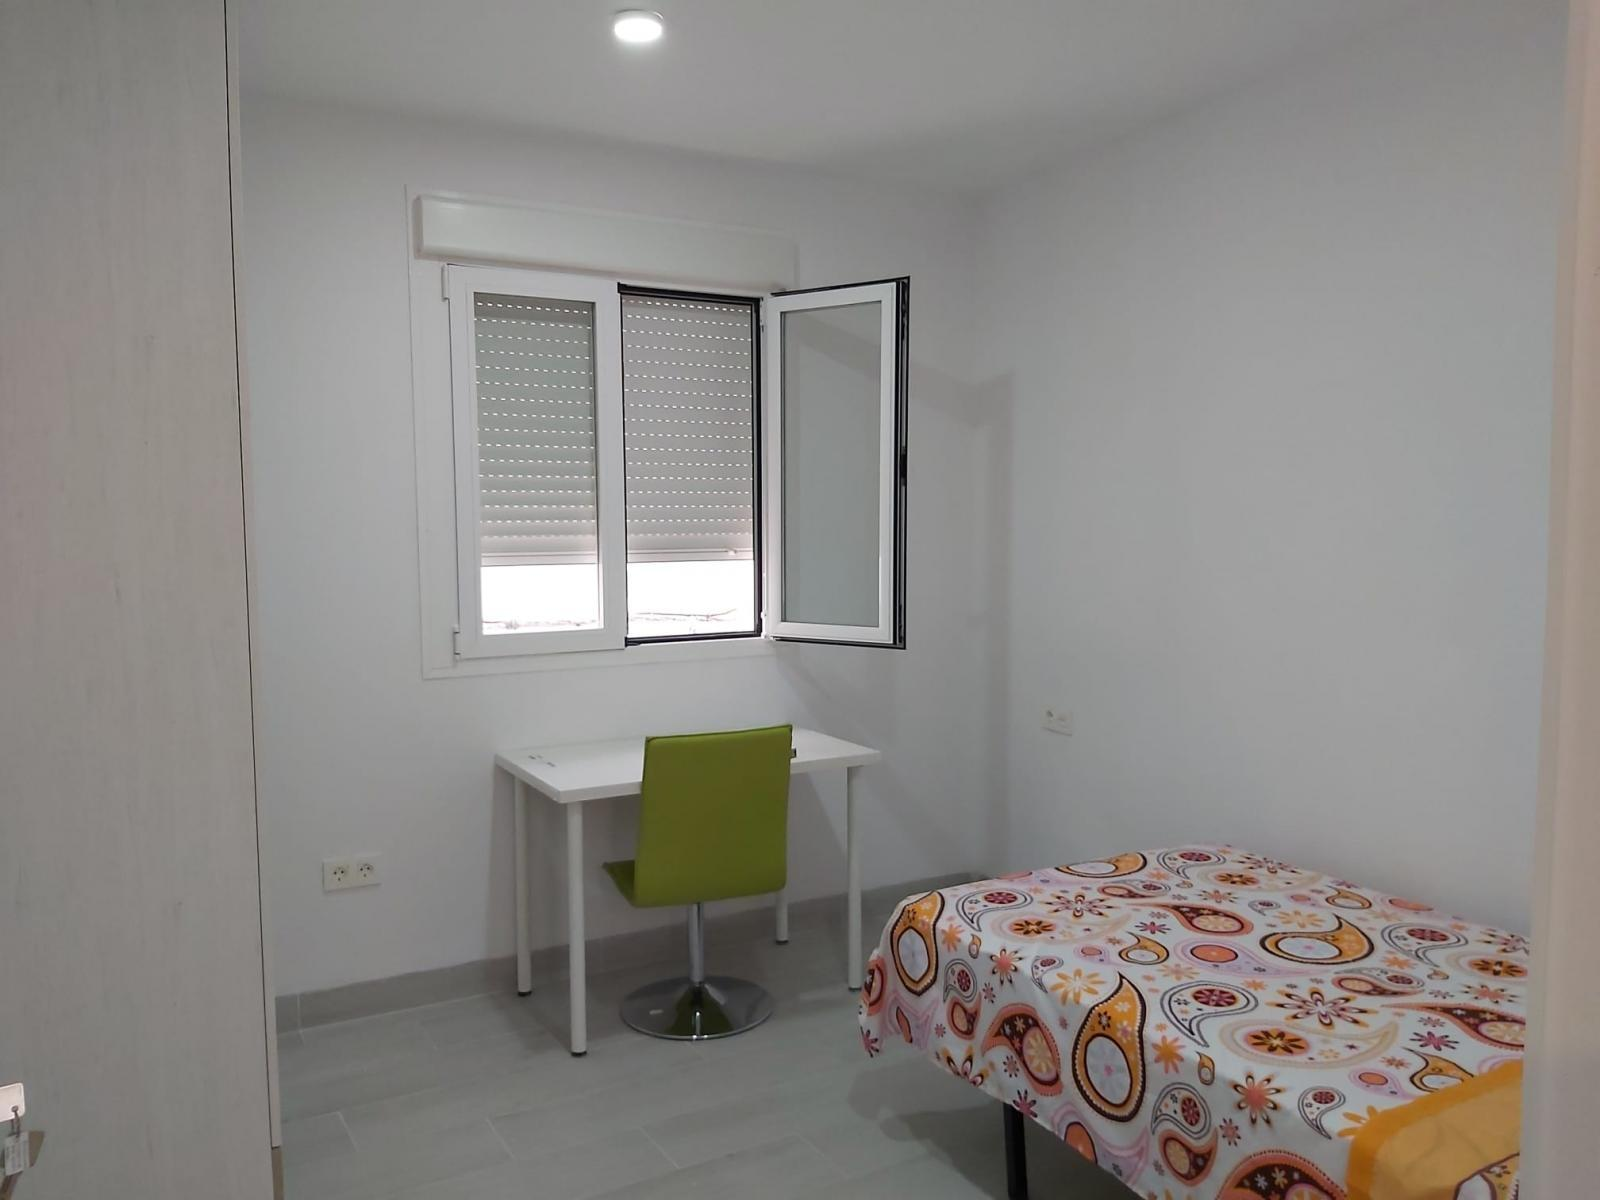 Piso in affitto a Centro-Sagrario (Granada), 1.050 €/mese (Stagione, Studenti)